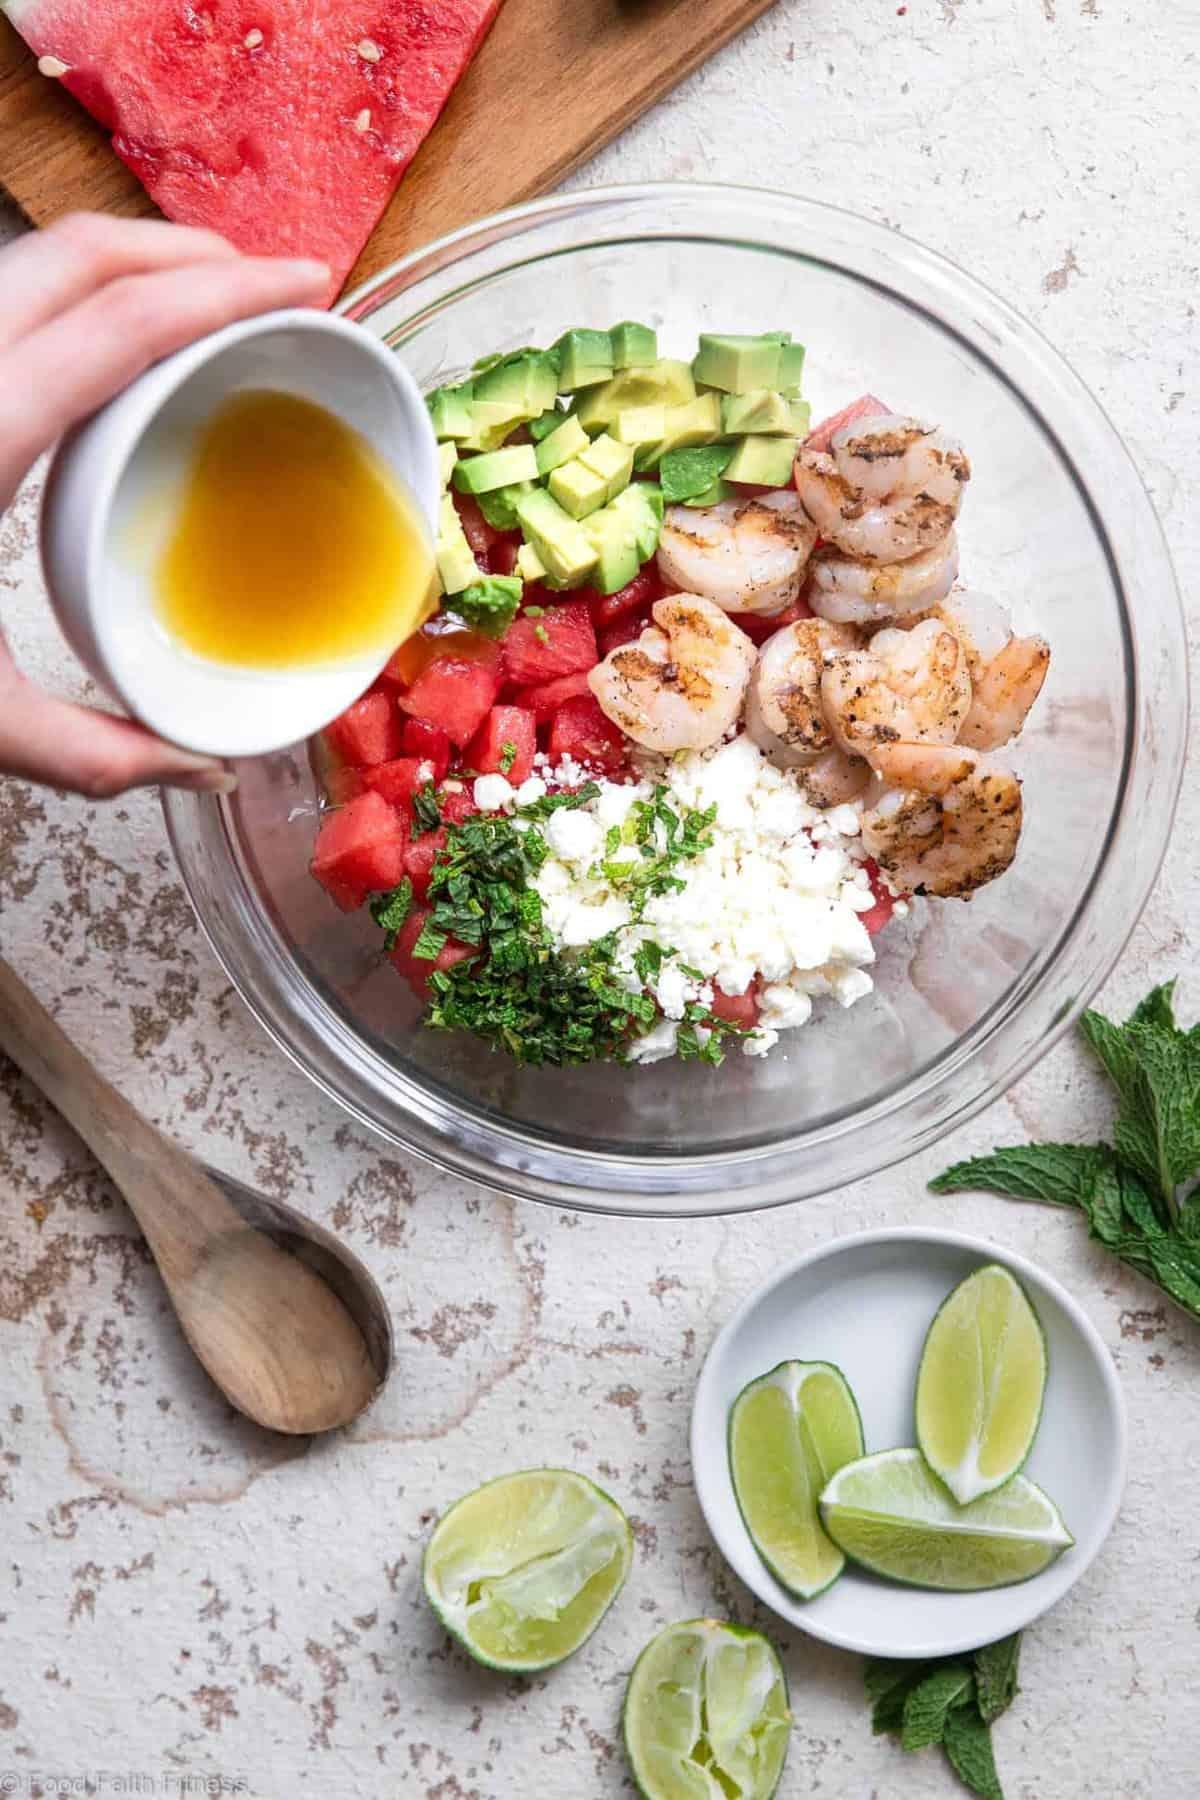 Pouring dressing onto a shrimp avocado salad with watermelon